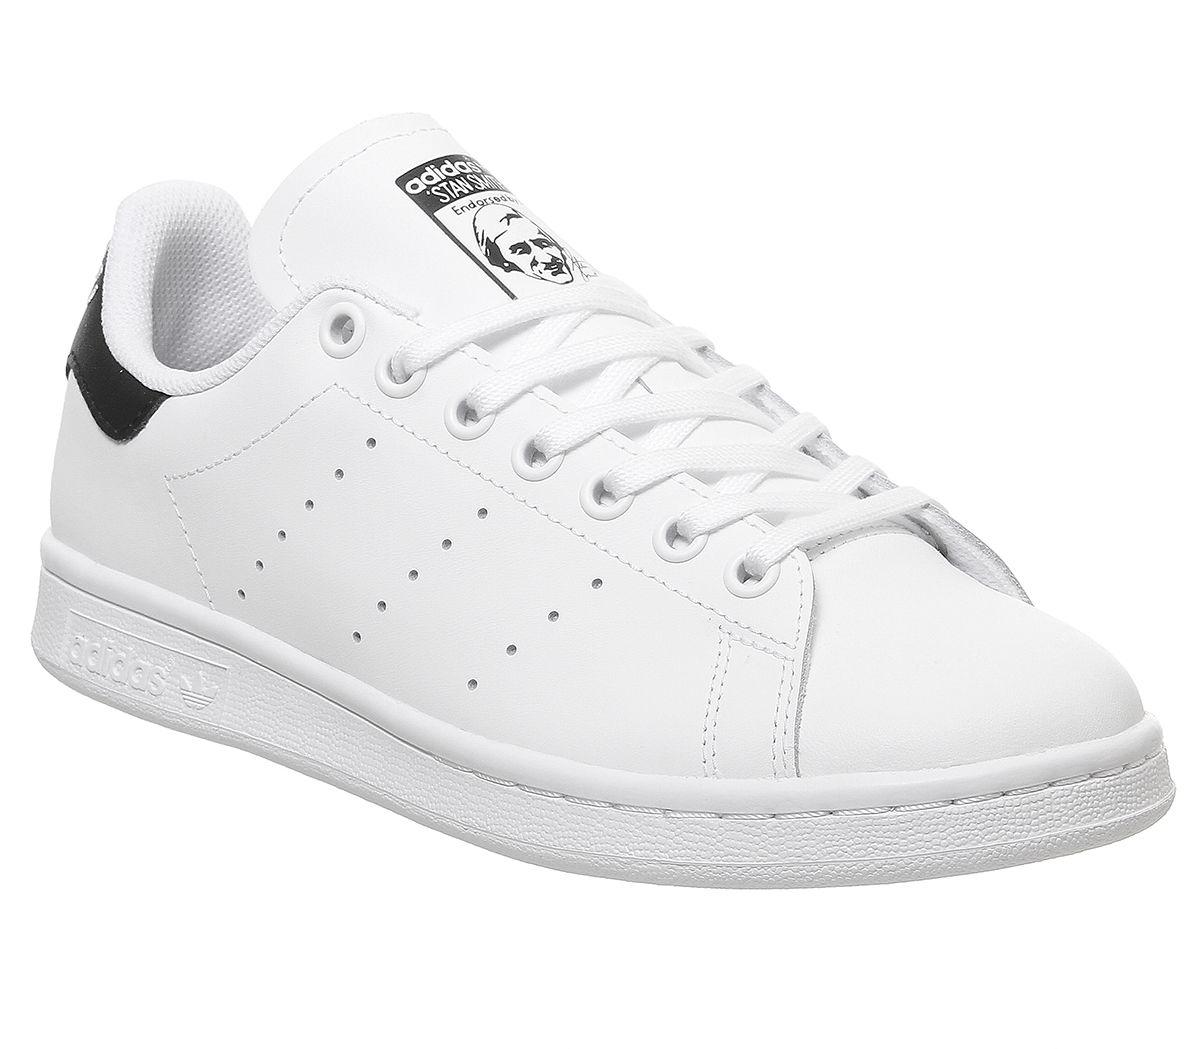 adidas Stan Smith GS White Black 03